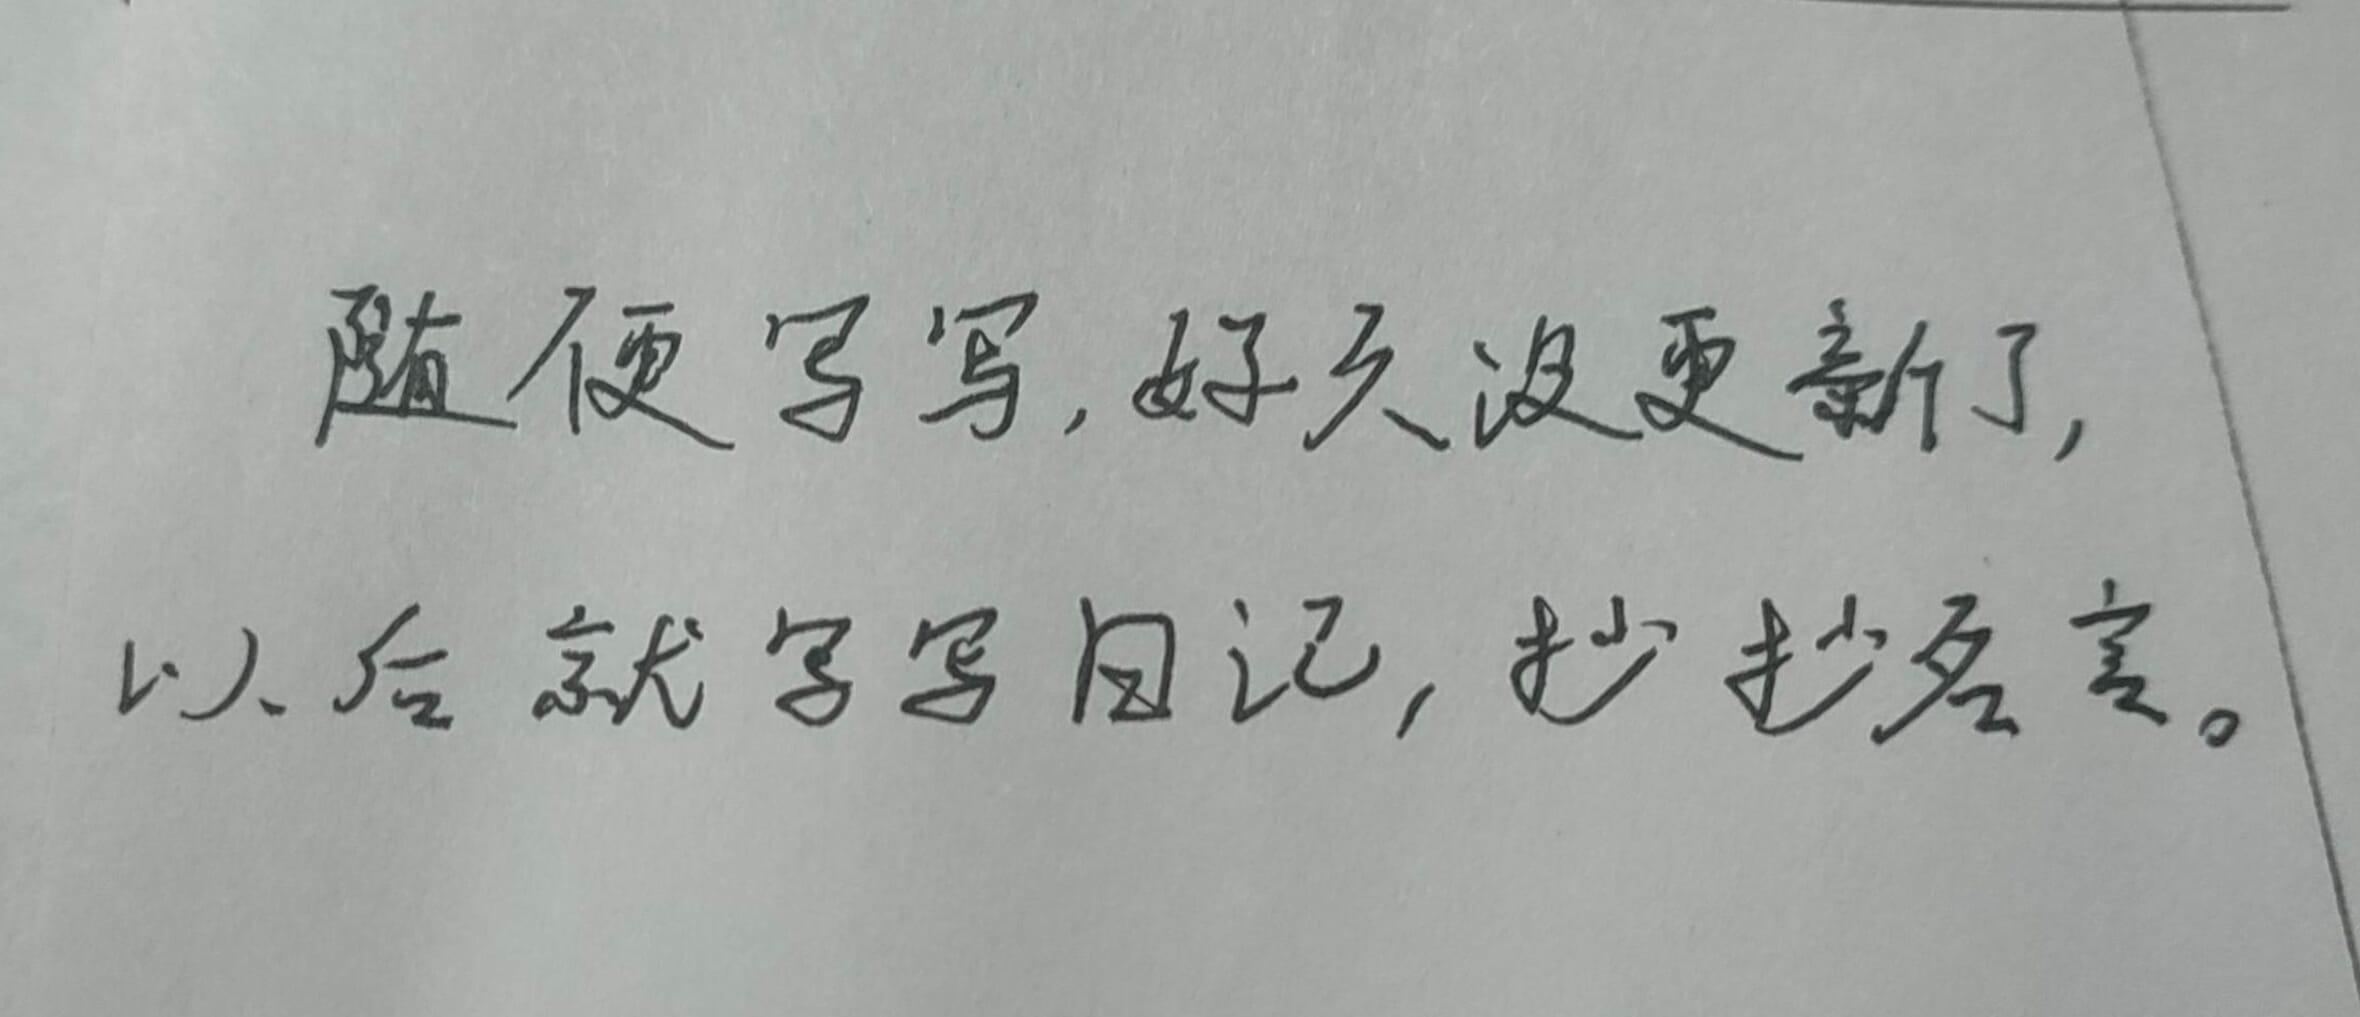 日记_2021-09-18